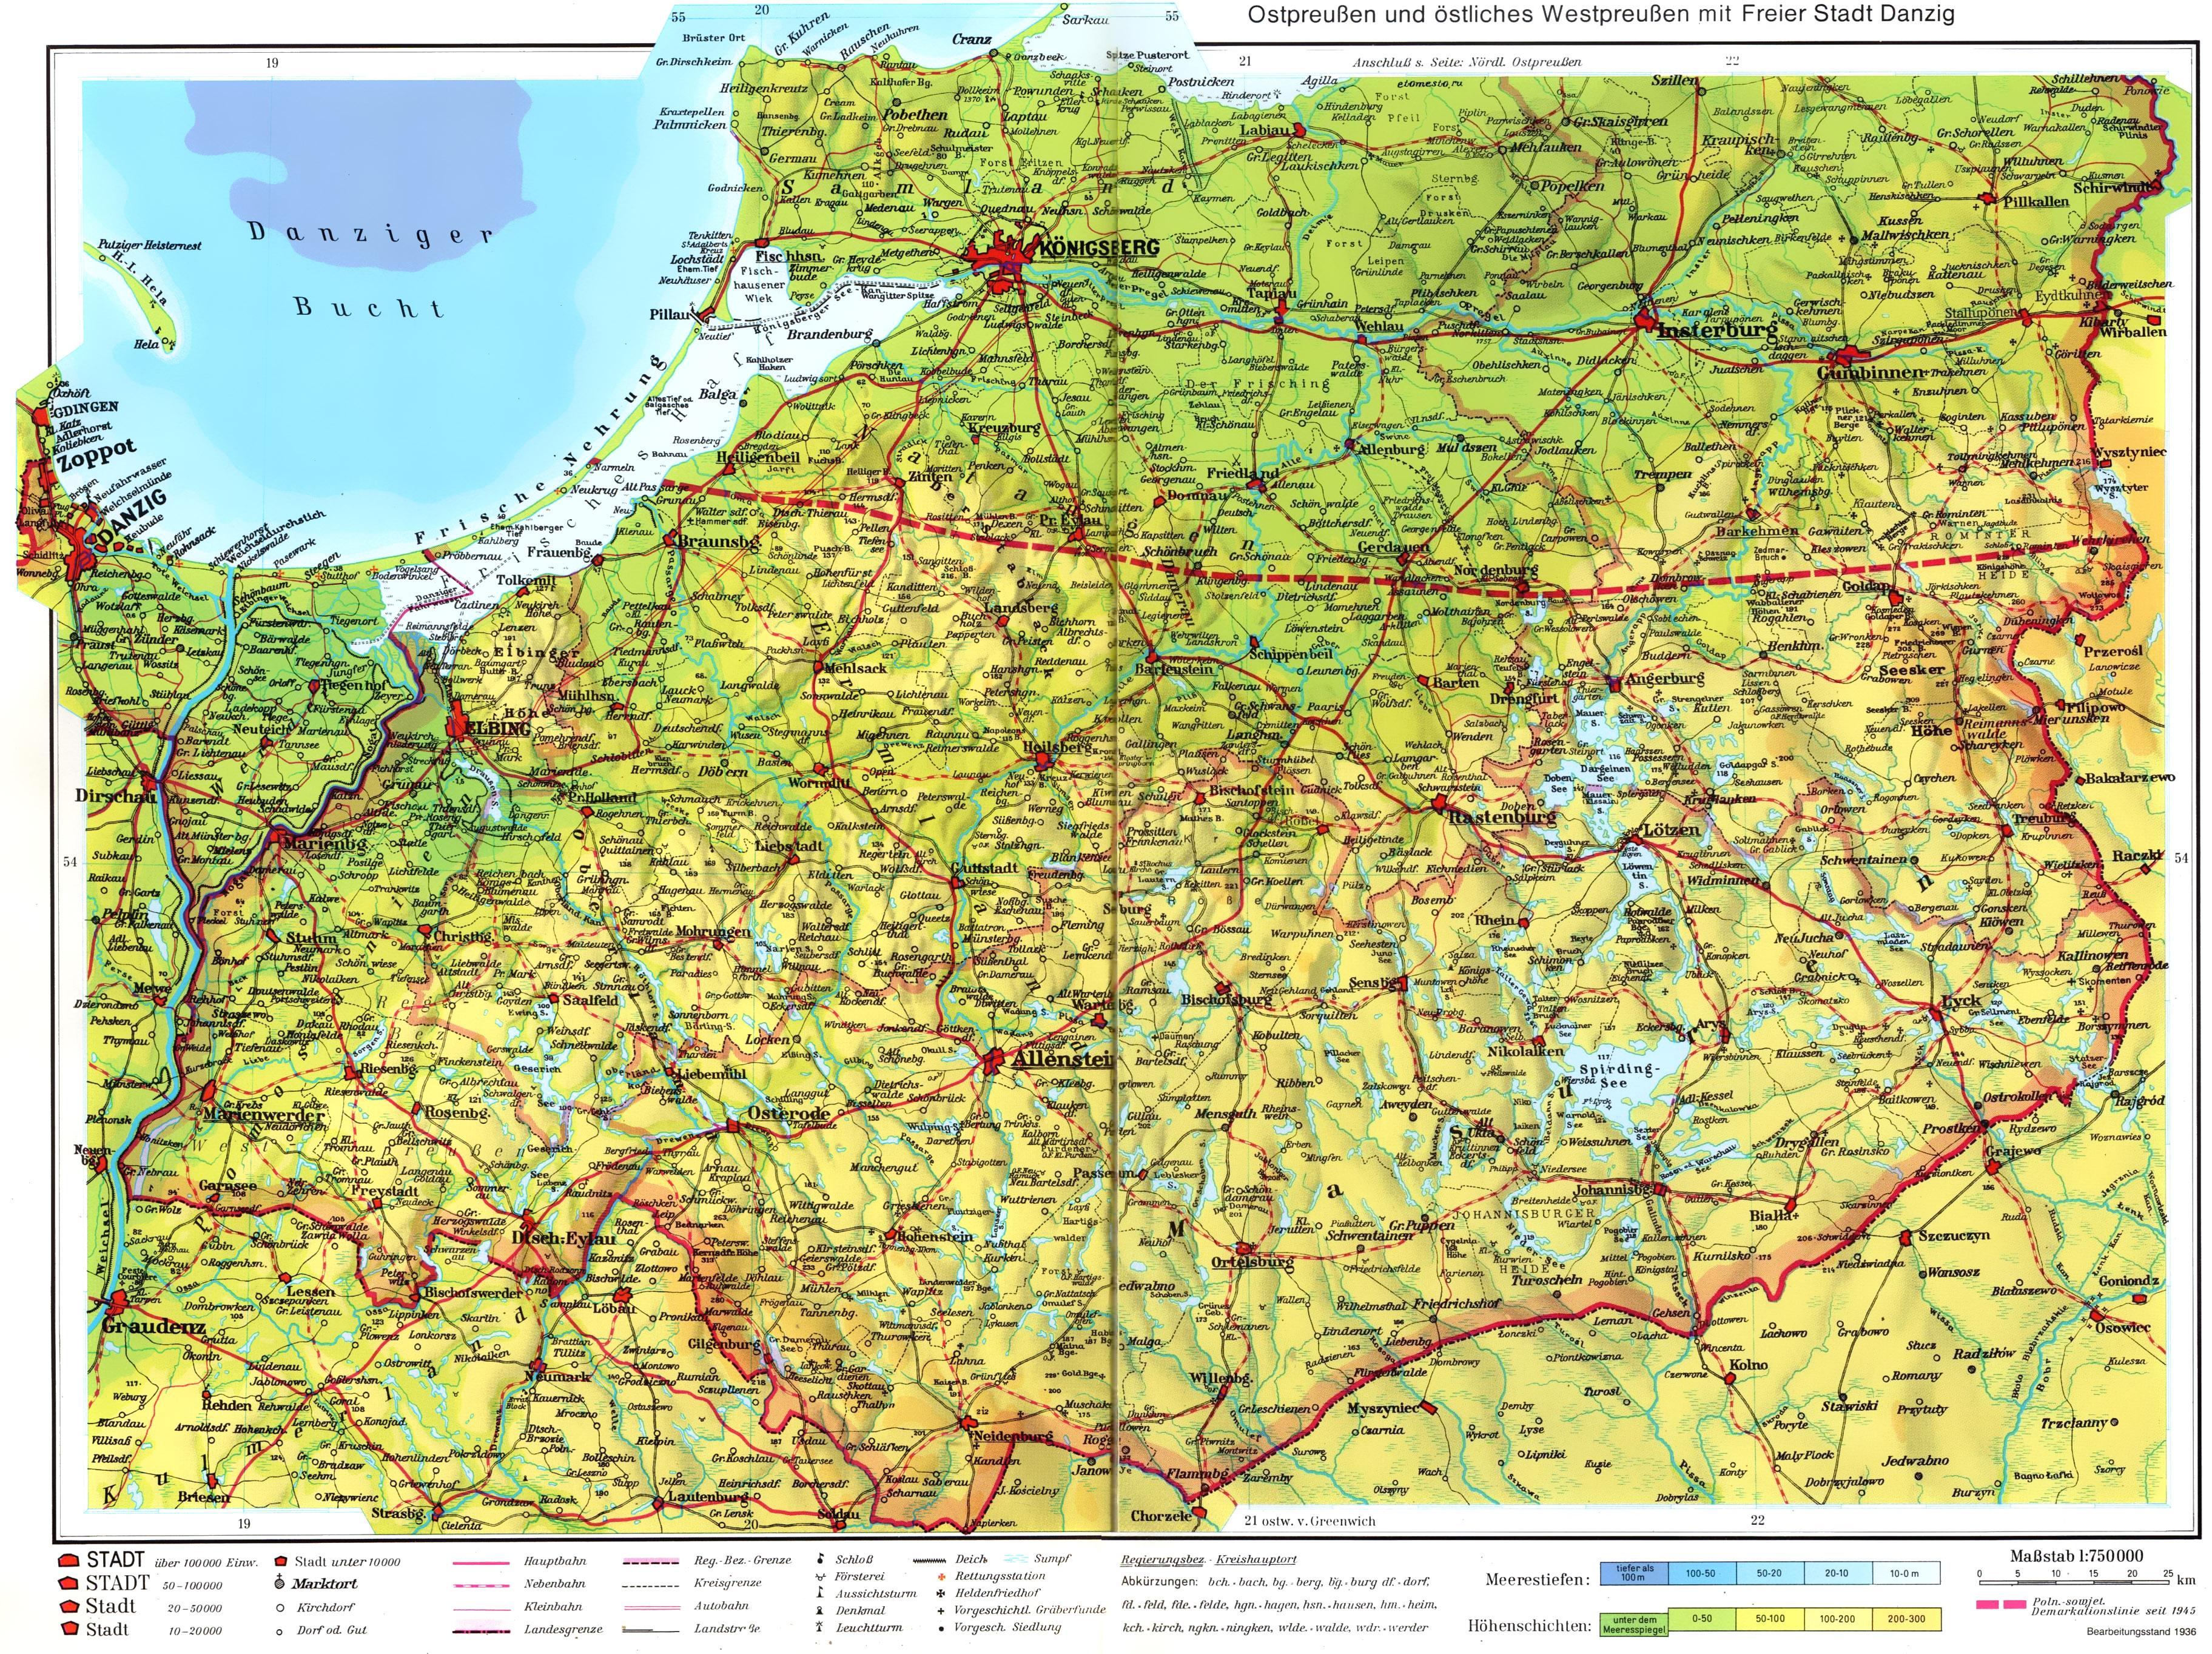 Карта западной части Восточной Пруссии 1936 года скачать: http://www.etomesto.ru/karta659/